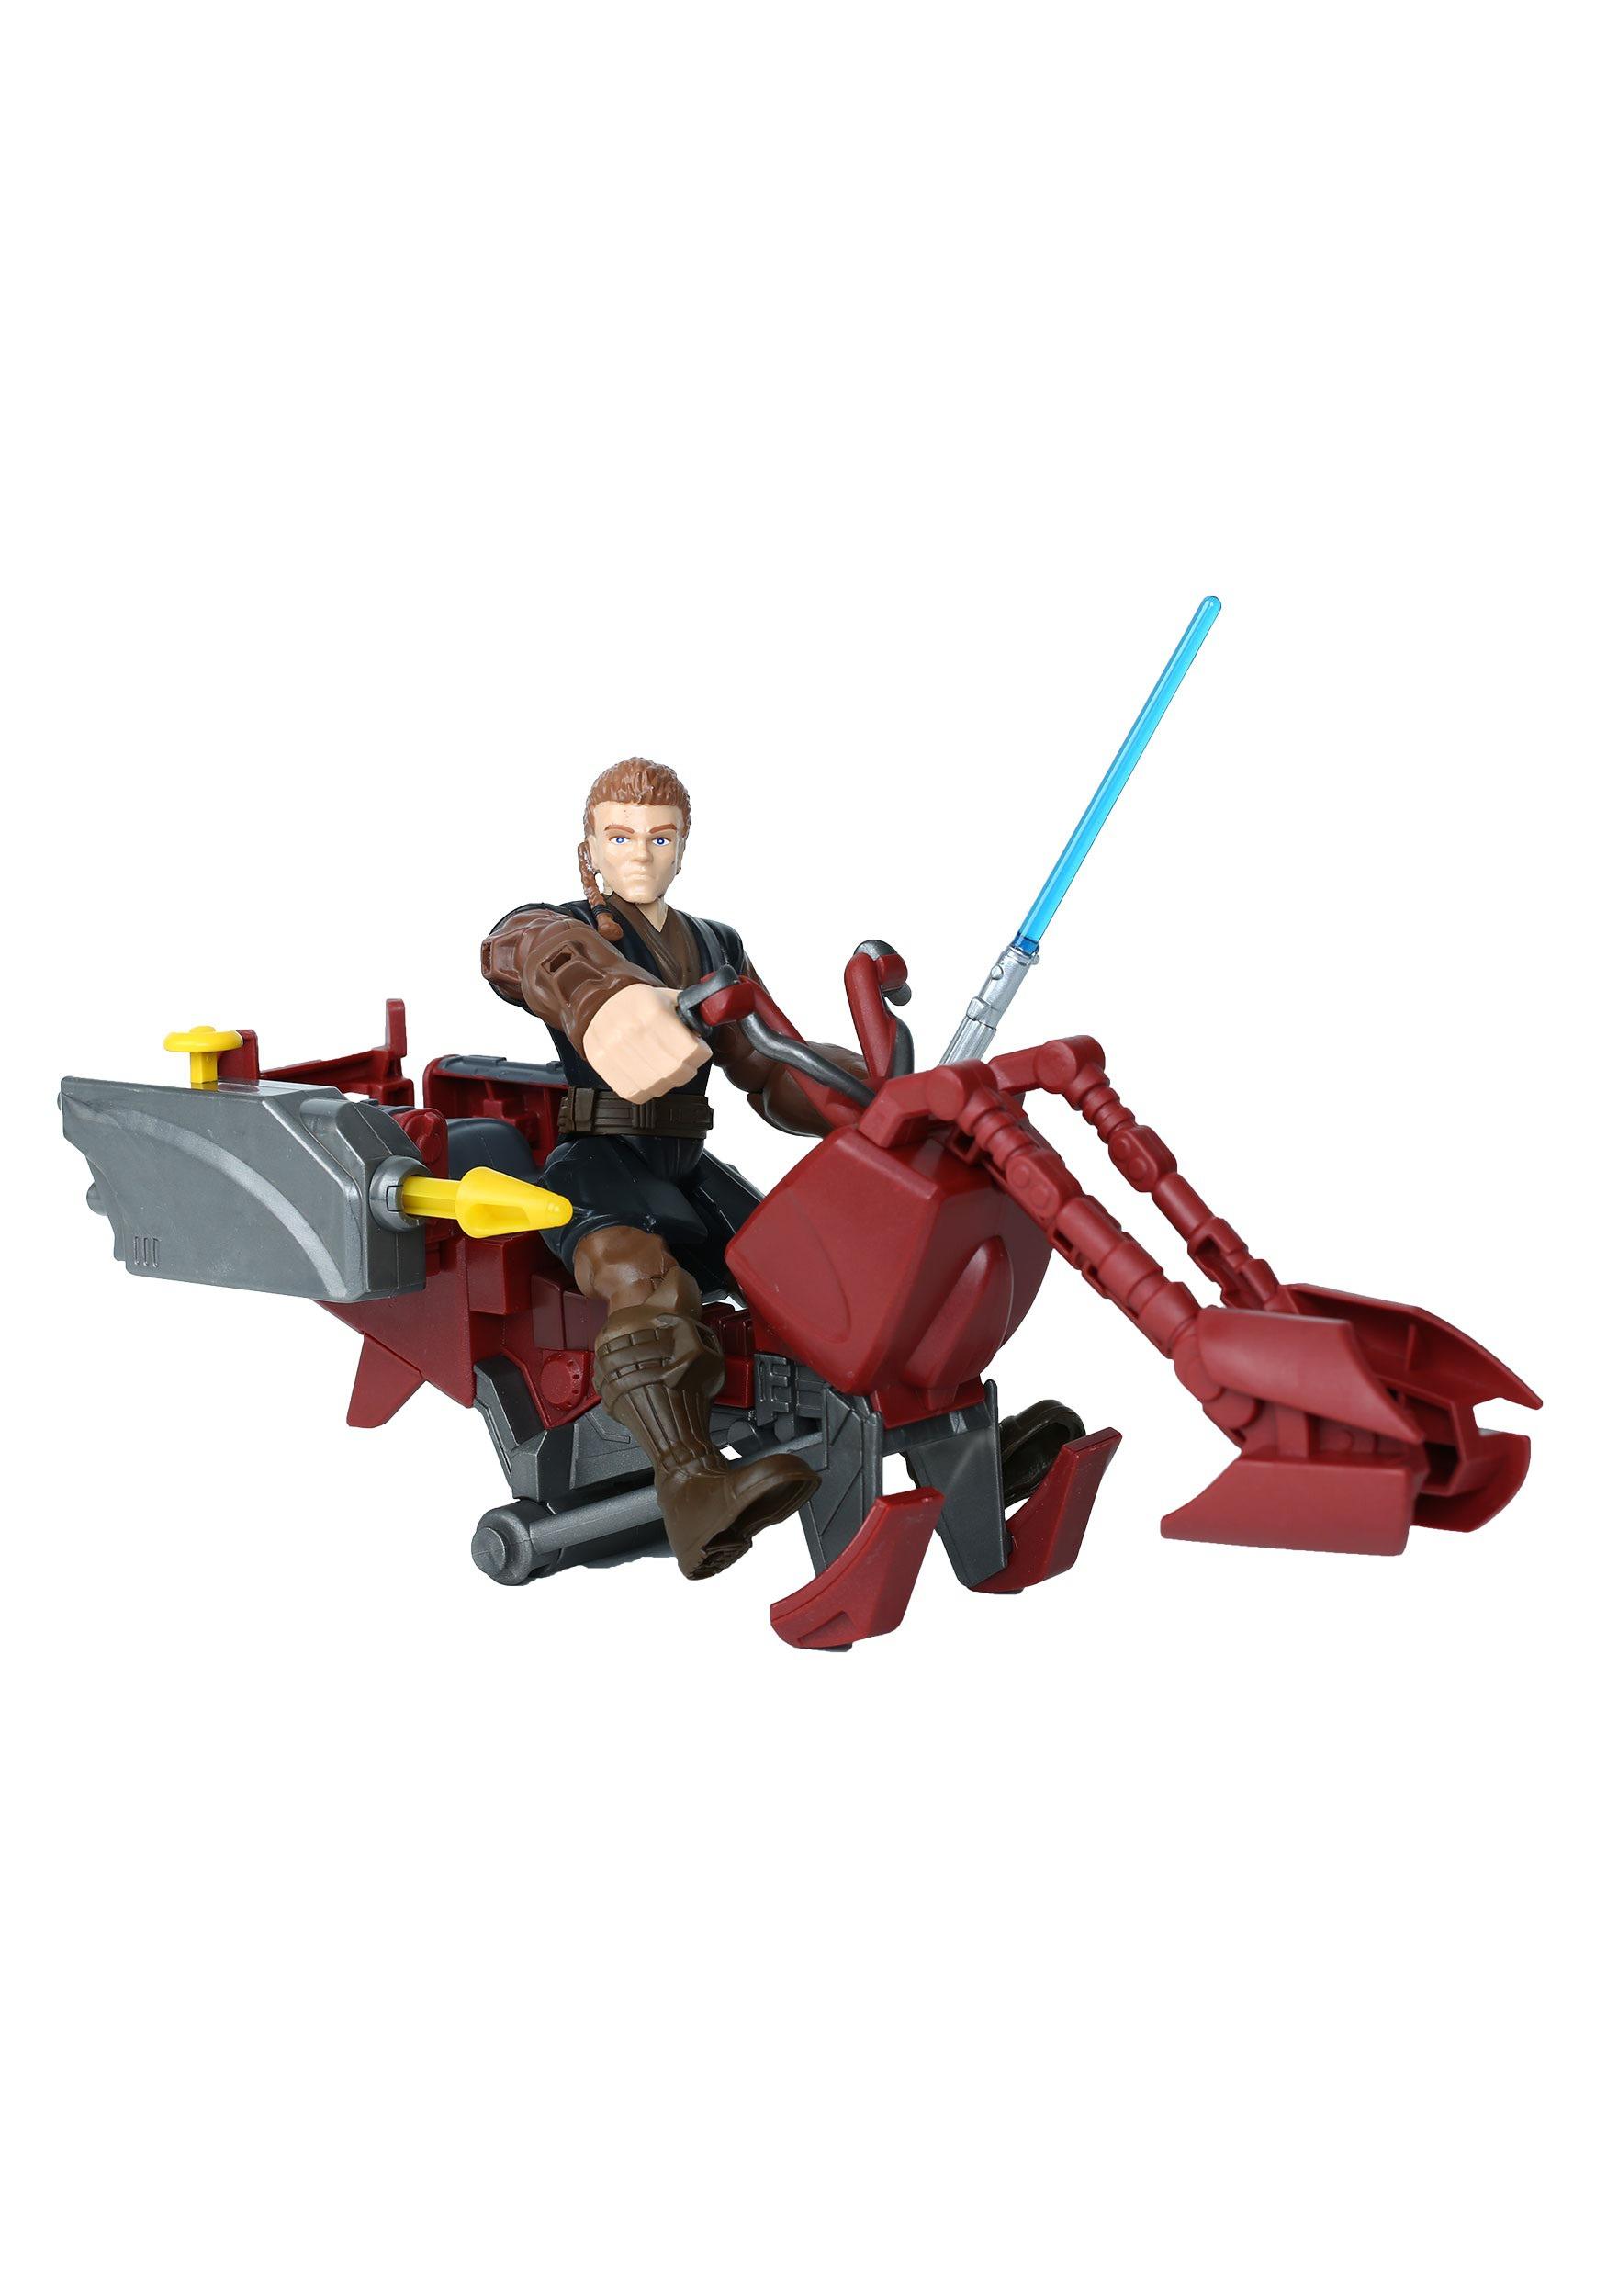 Star Wars Anakin Skywalker Speeder Set EEDB3833